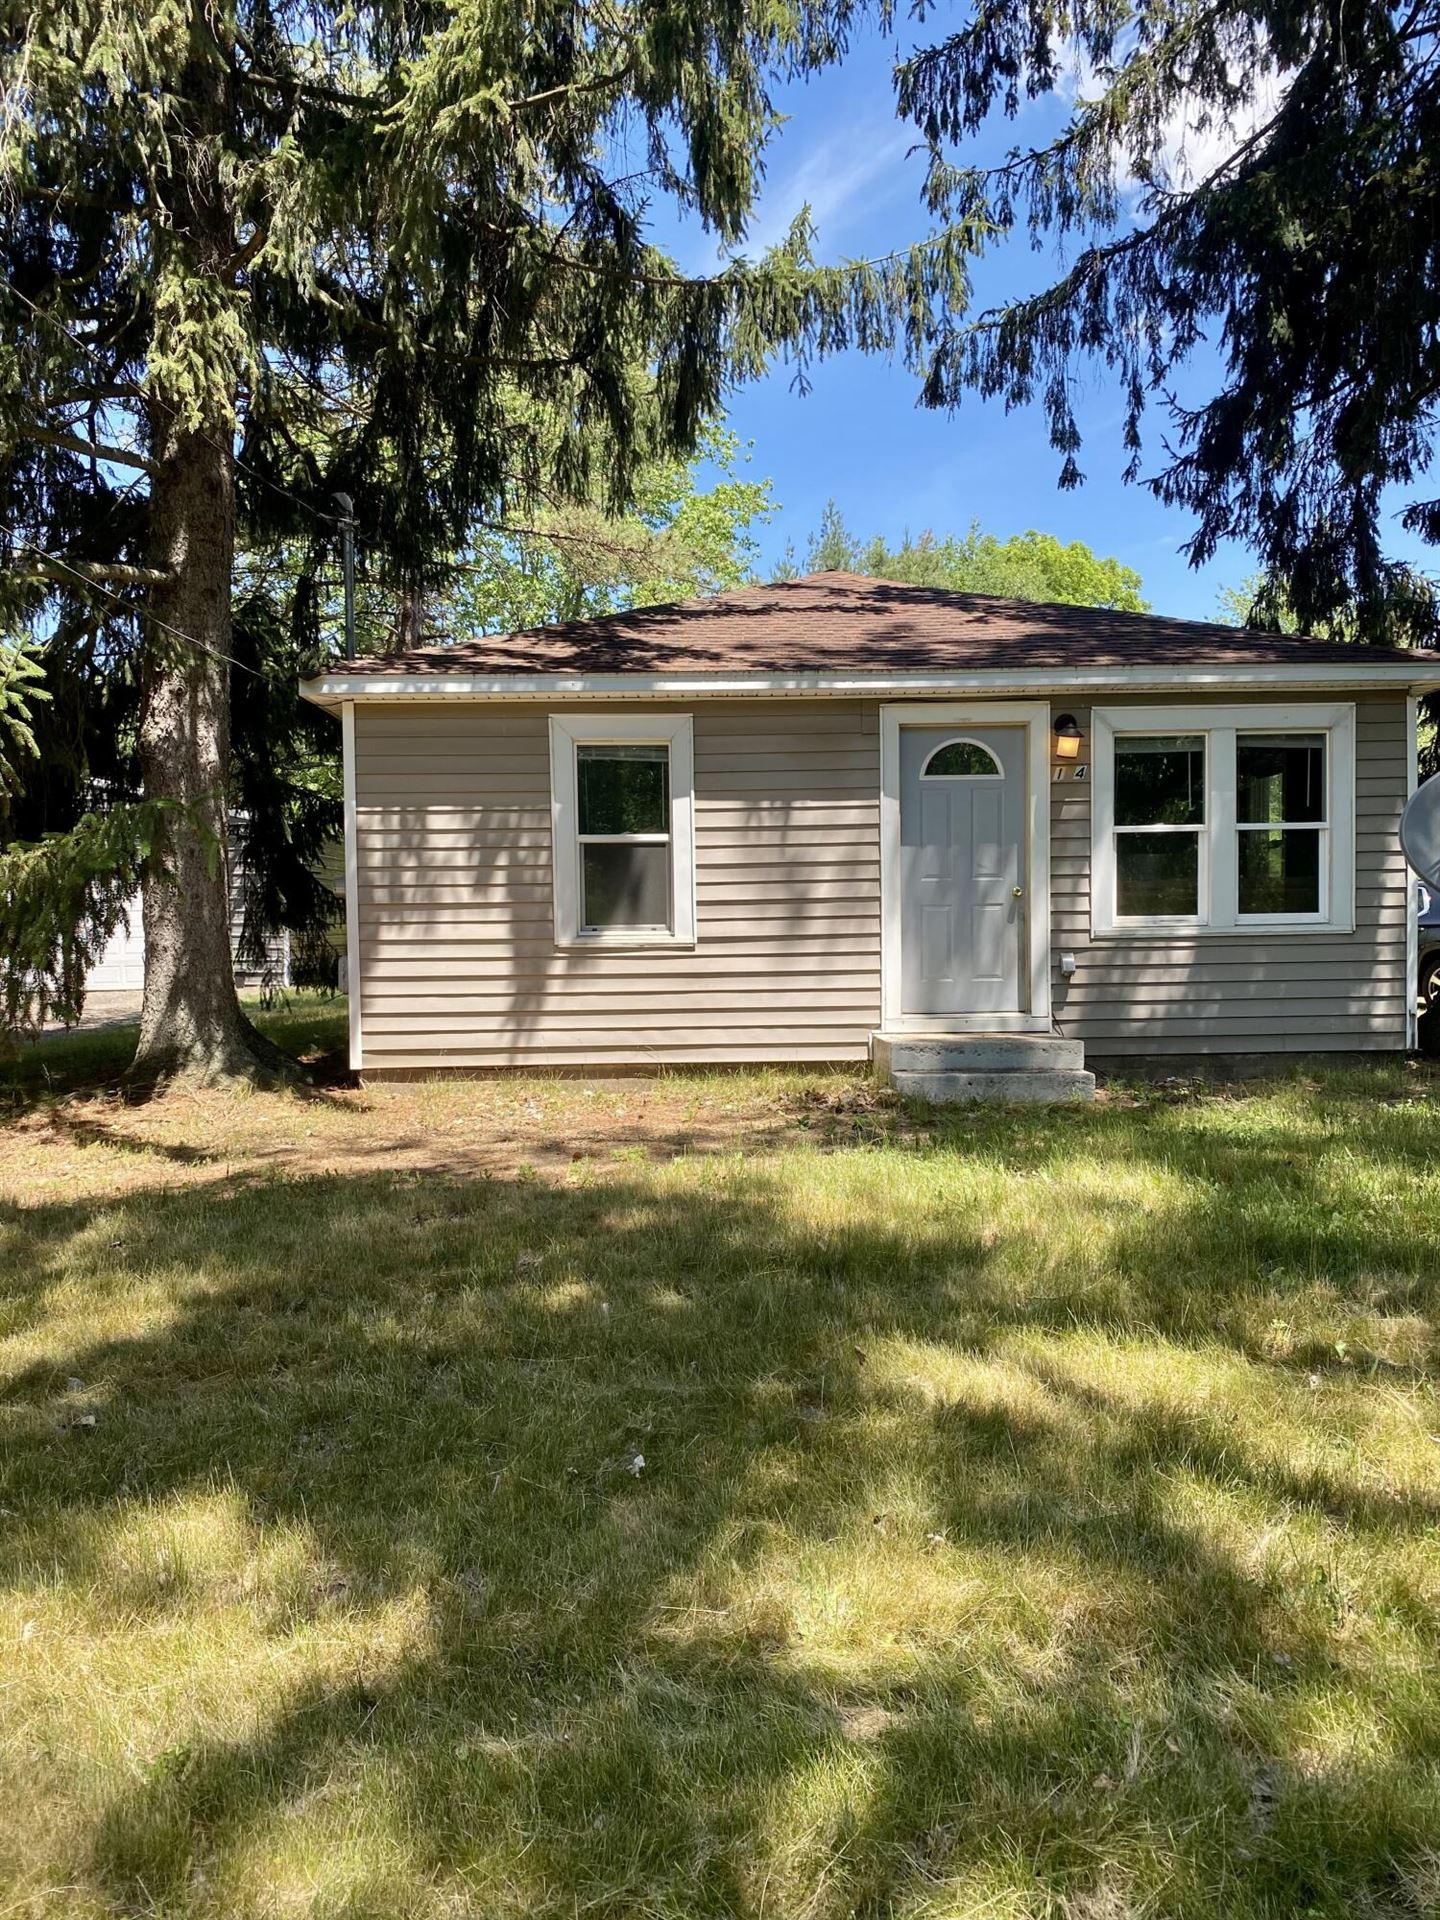 124 Fox Ave Avenue, Battle Creek, MI 49037 - MLS#: 21022983